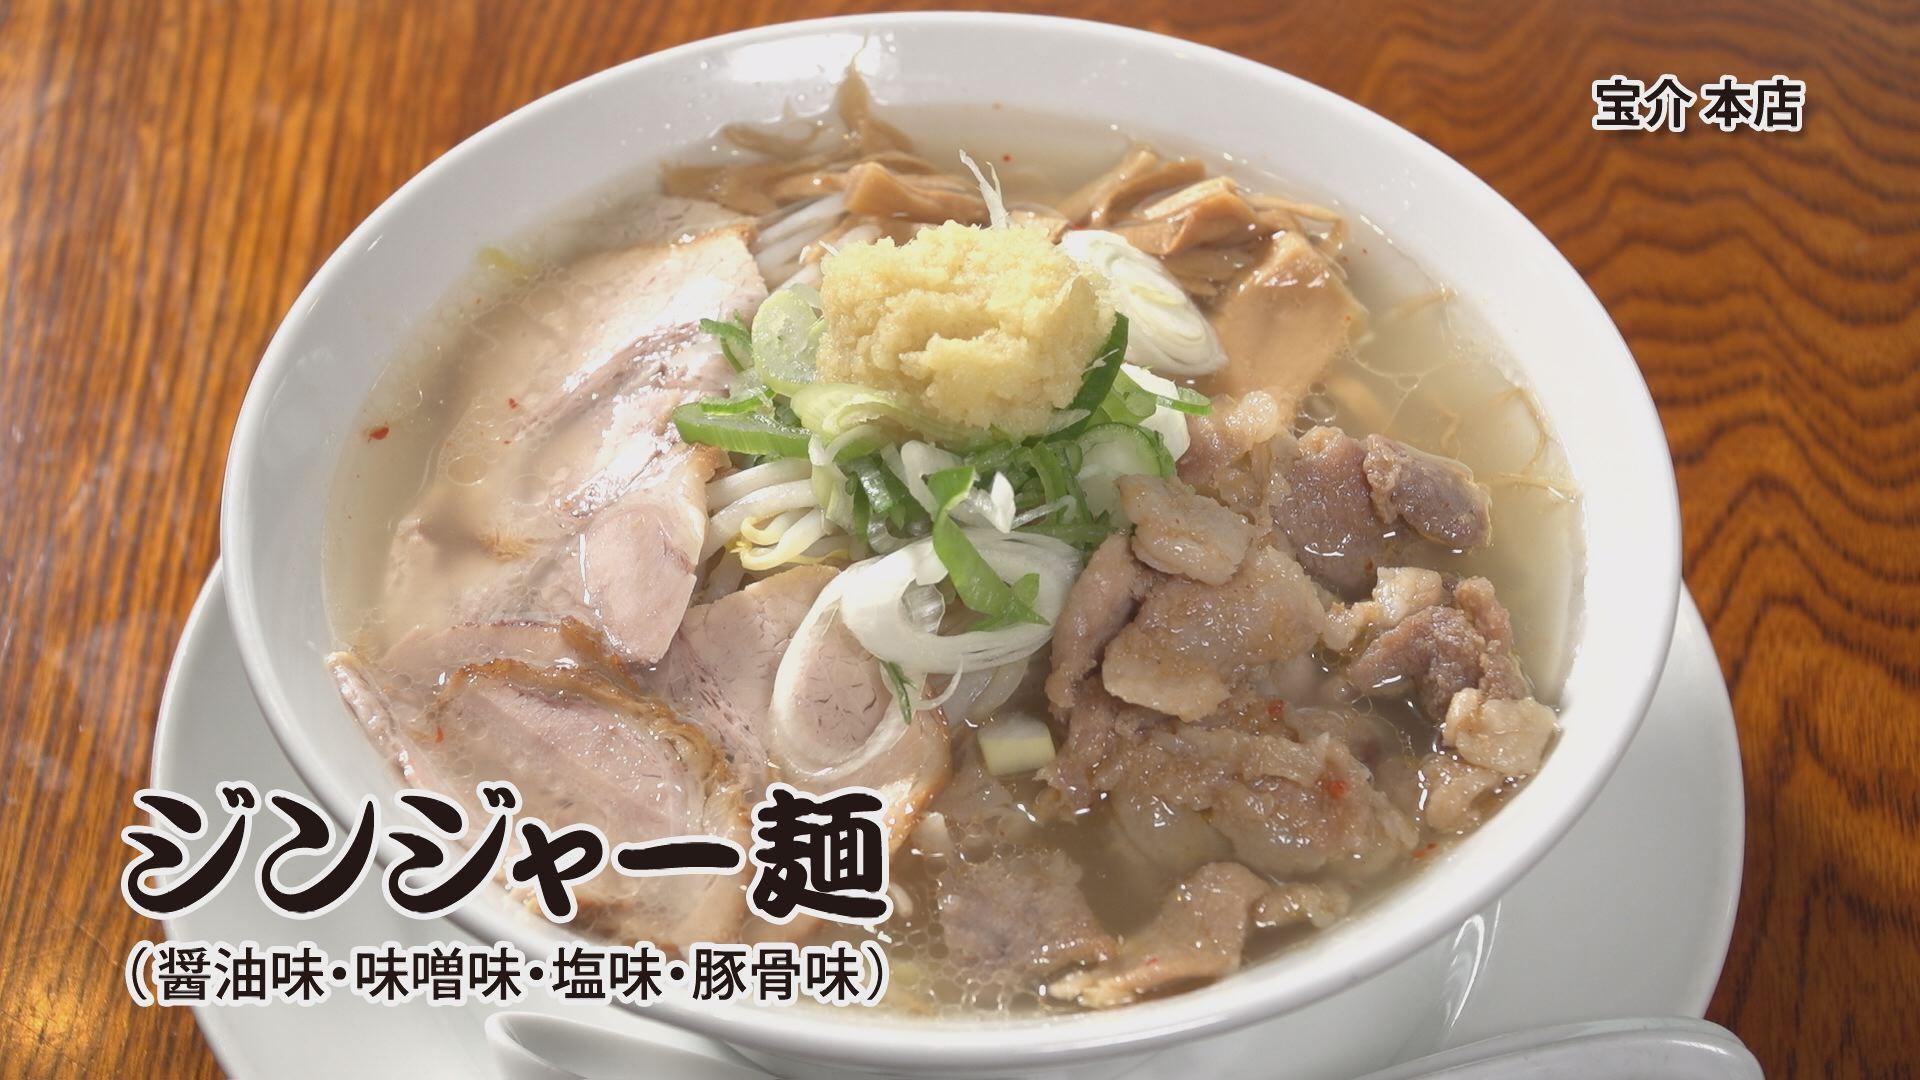 ジンジャー麺